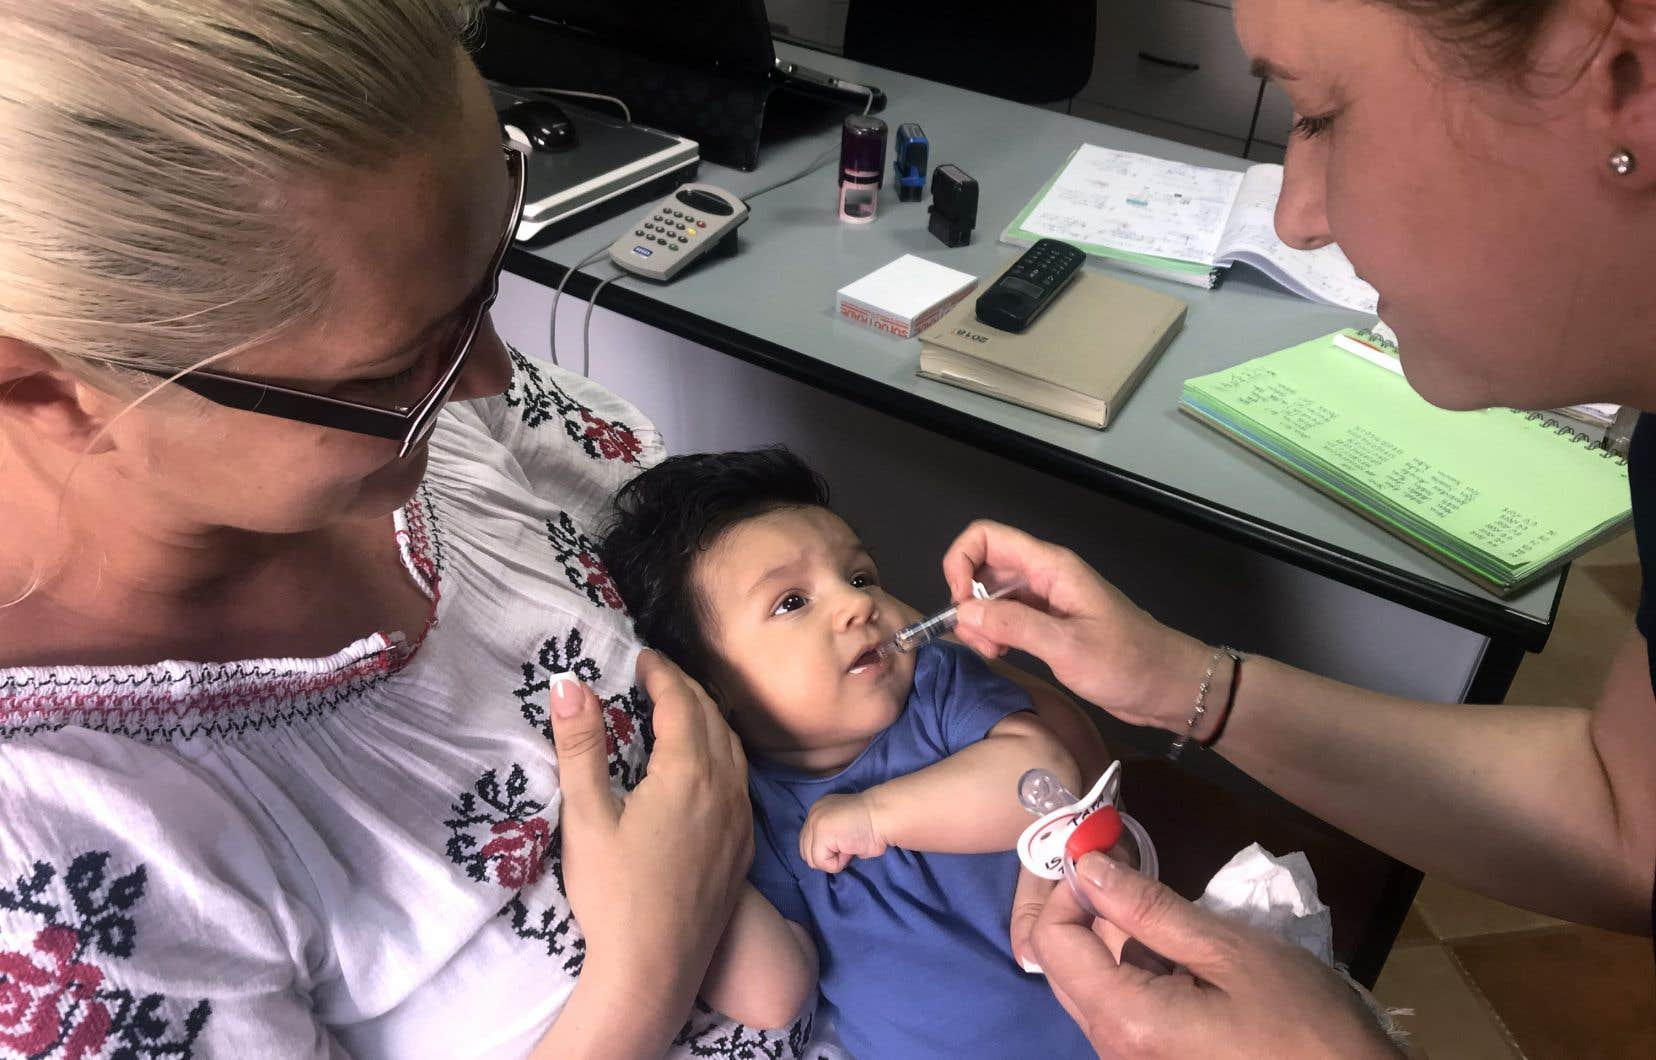 L'OMS recommande un taux de vaccination contre la rougeole de 95 %. En Roumanie, il ne s'élève qu'à 84 %.